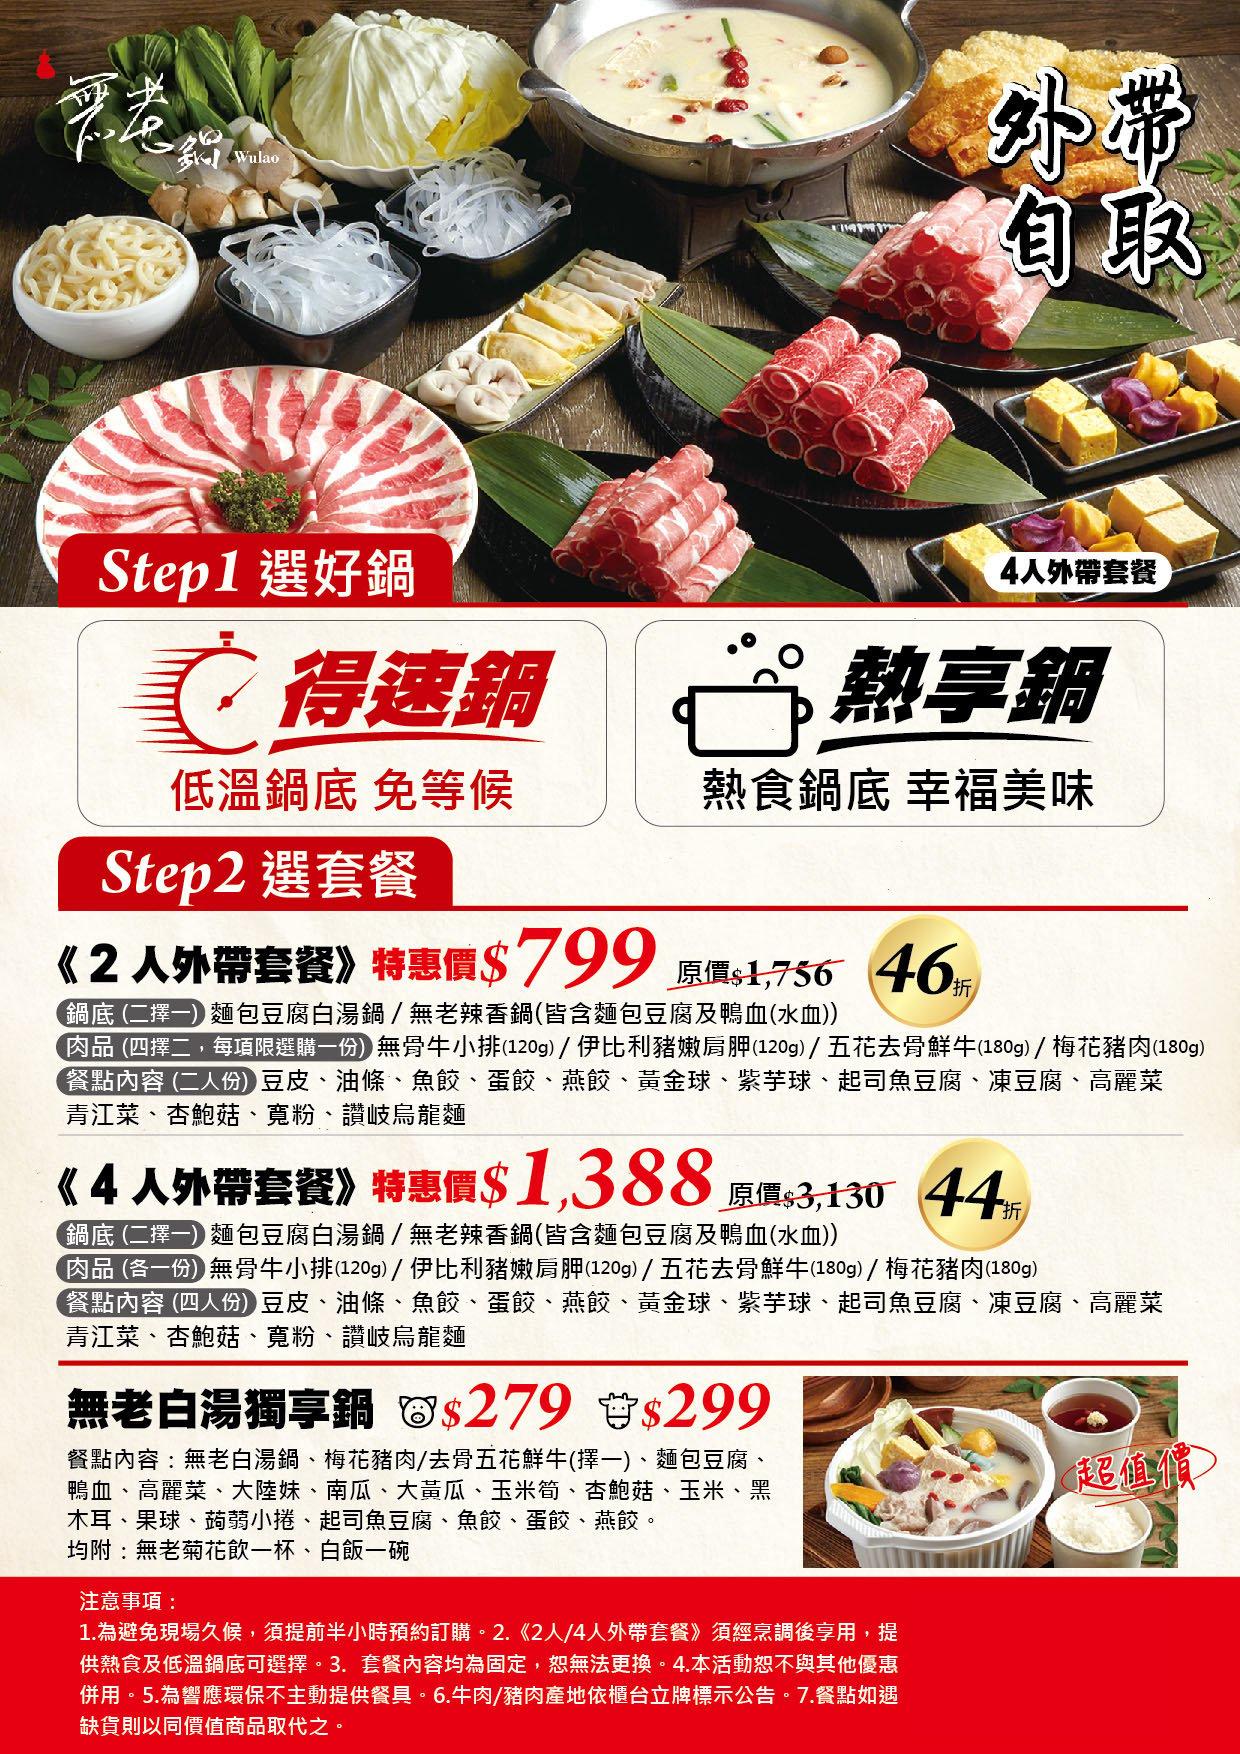 台北外帶美食 優惠餐廳總整理 防疫期間外帶優惠總整理! 連鎖品牌外帶優惠懶人包 91